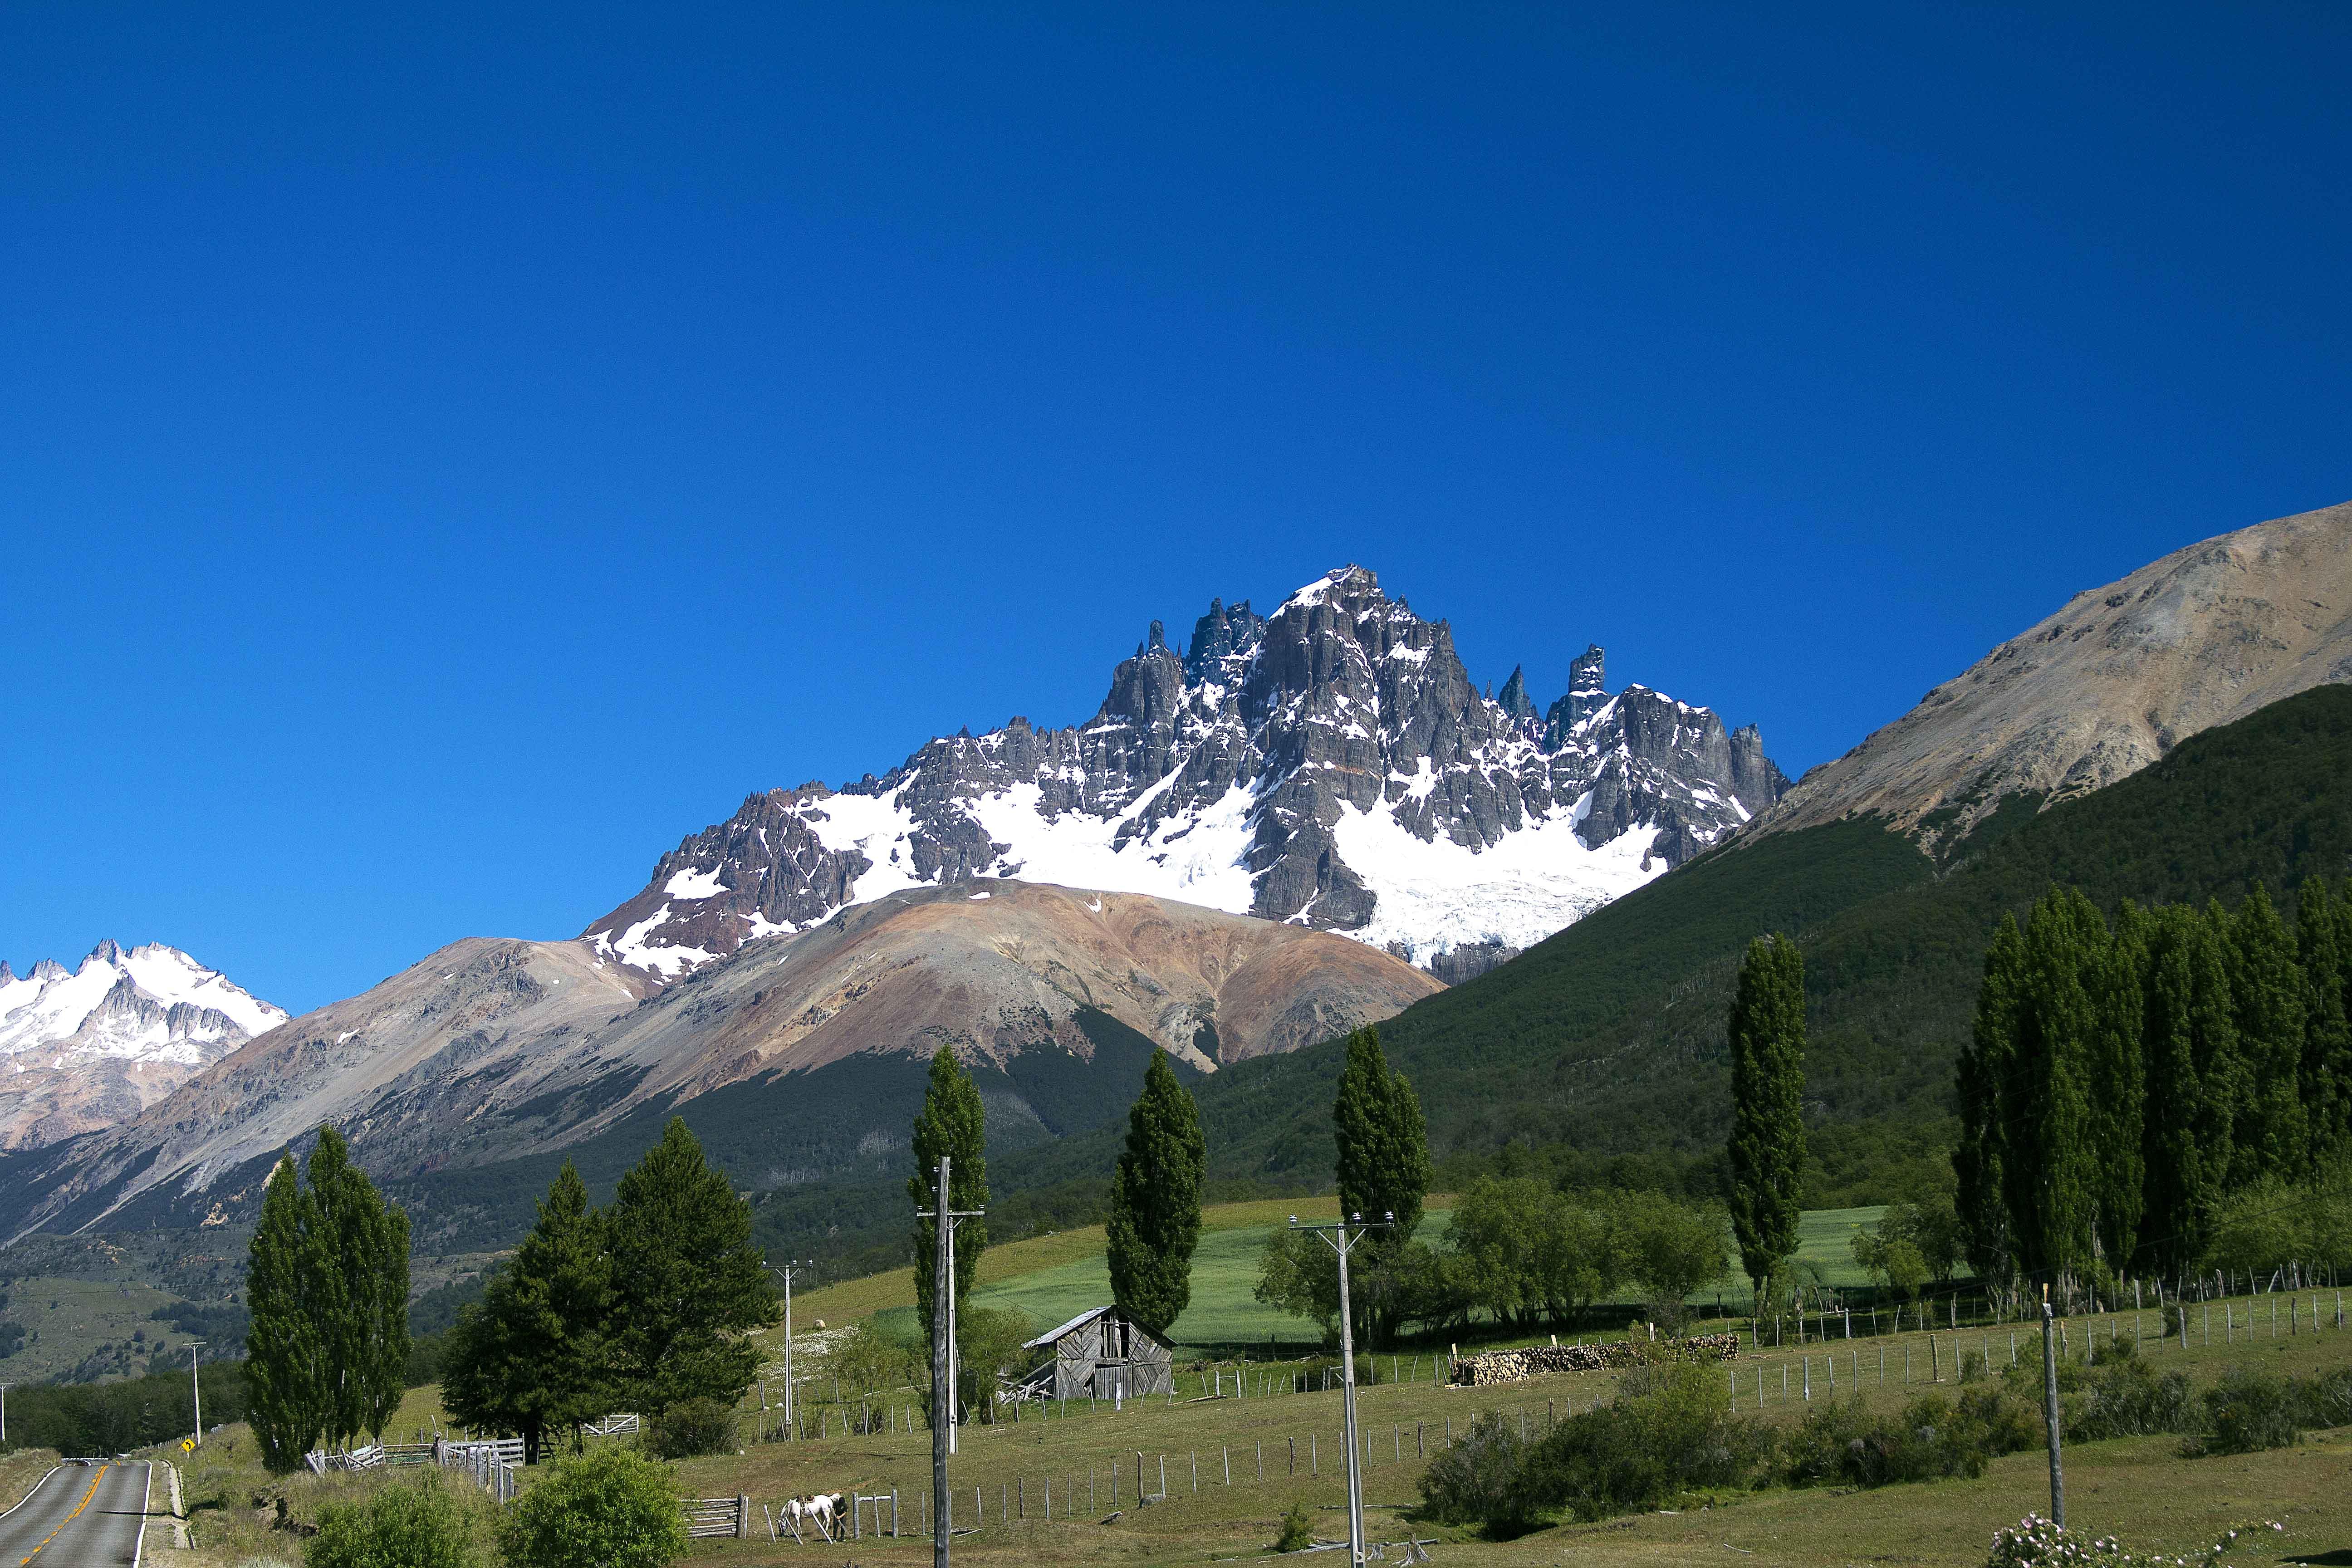 Cerro Castillo, visto da Carretera Austral